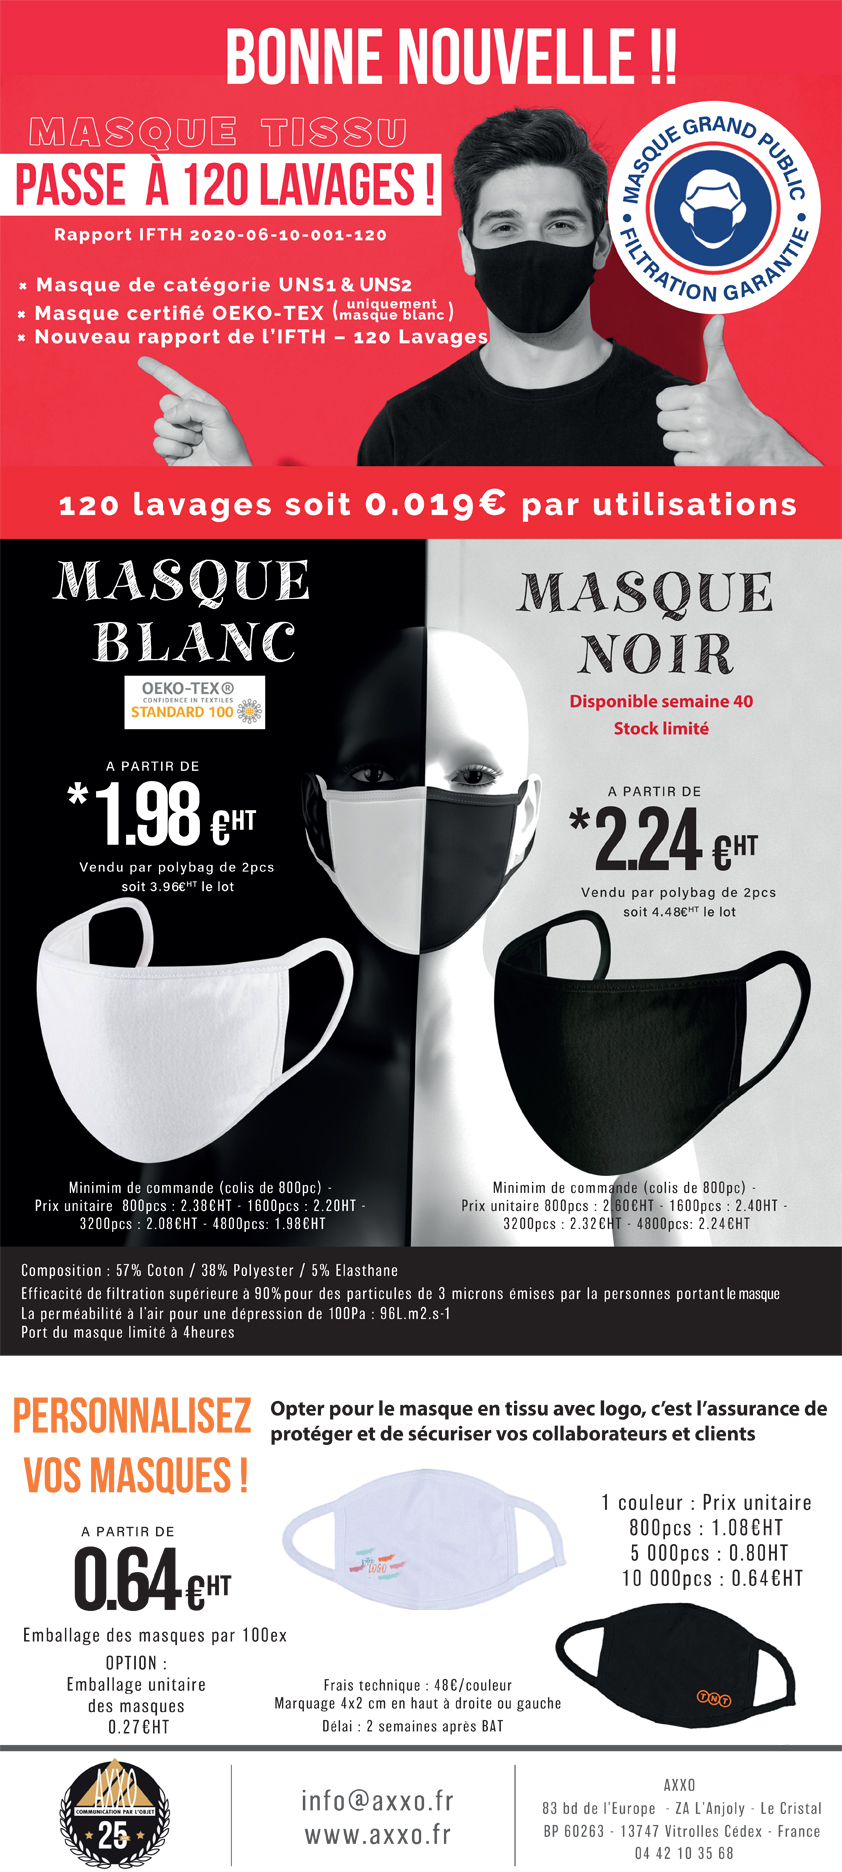 Jusqu'à 120 lavages pour un masque de protection !